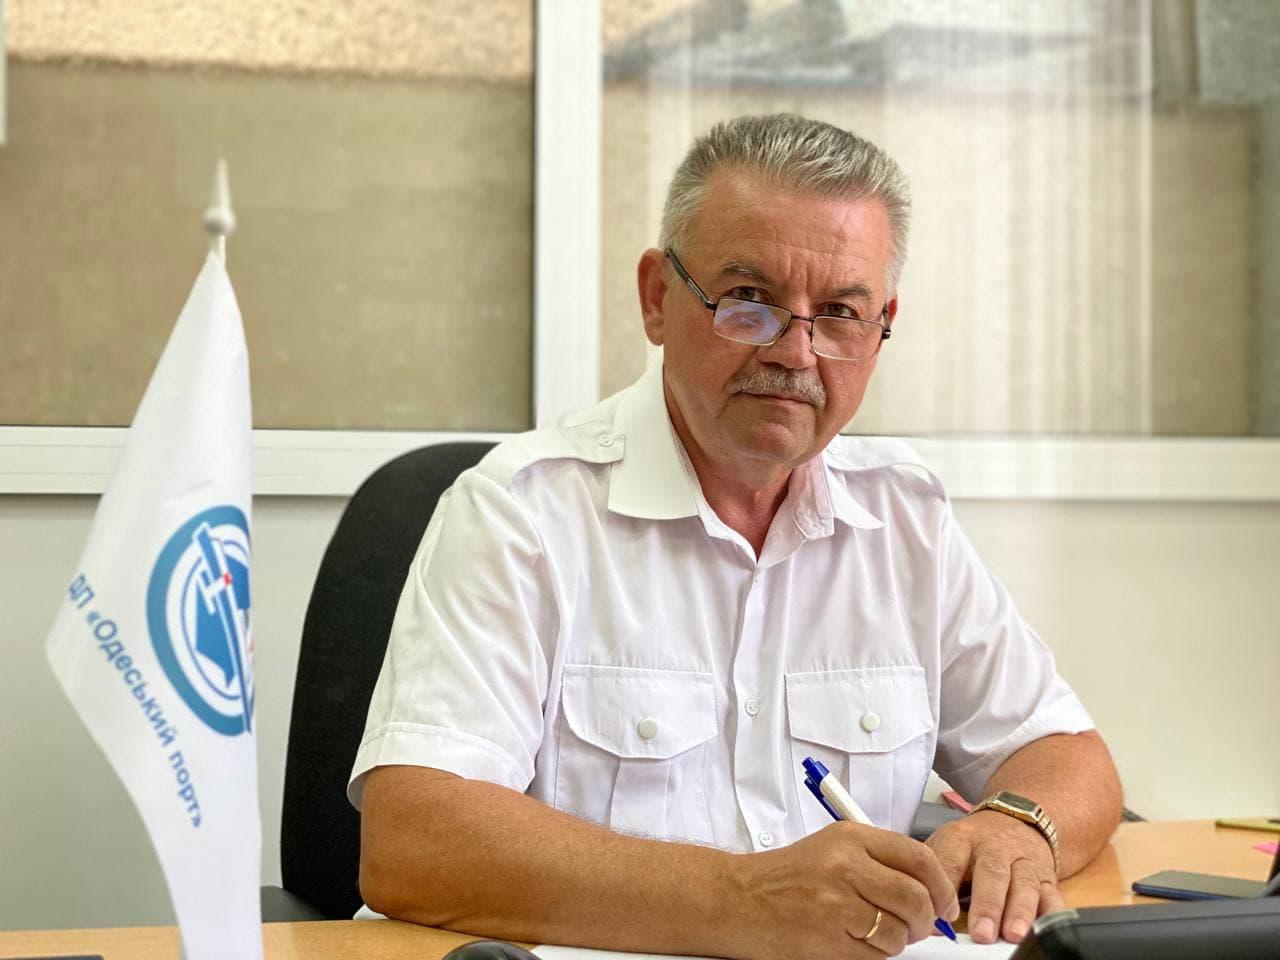 Інтерв'ю з керівником Первинної професійної спілки Одеського порту Вельчевим Володимиром Ананійовичем.